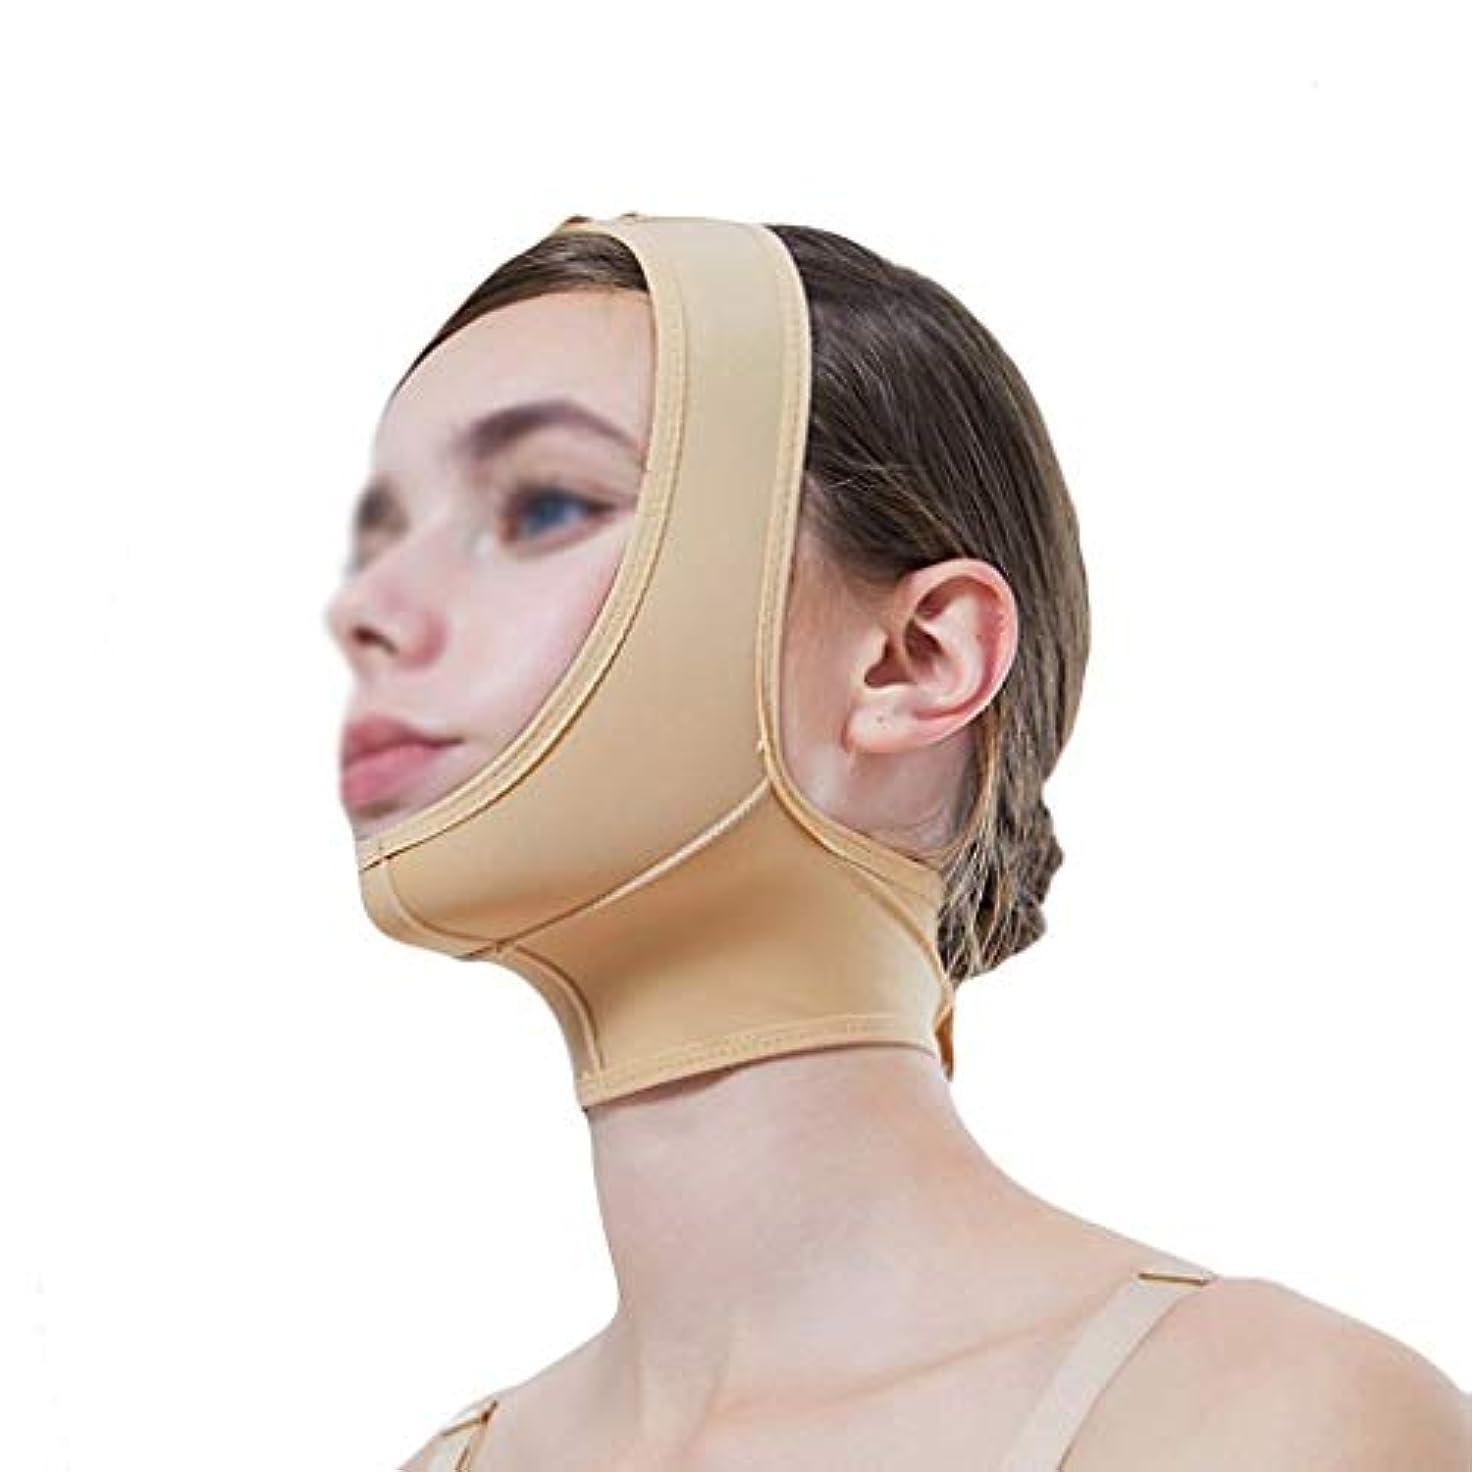 どこにも抵抗力がある呼吸マスク、超薄型ベルト、フェイスリフティングに適し、フェイスリフティング、通気性包帯、あご取りベルト、超薄型ベルト、通気性(サイズ:XL),M